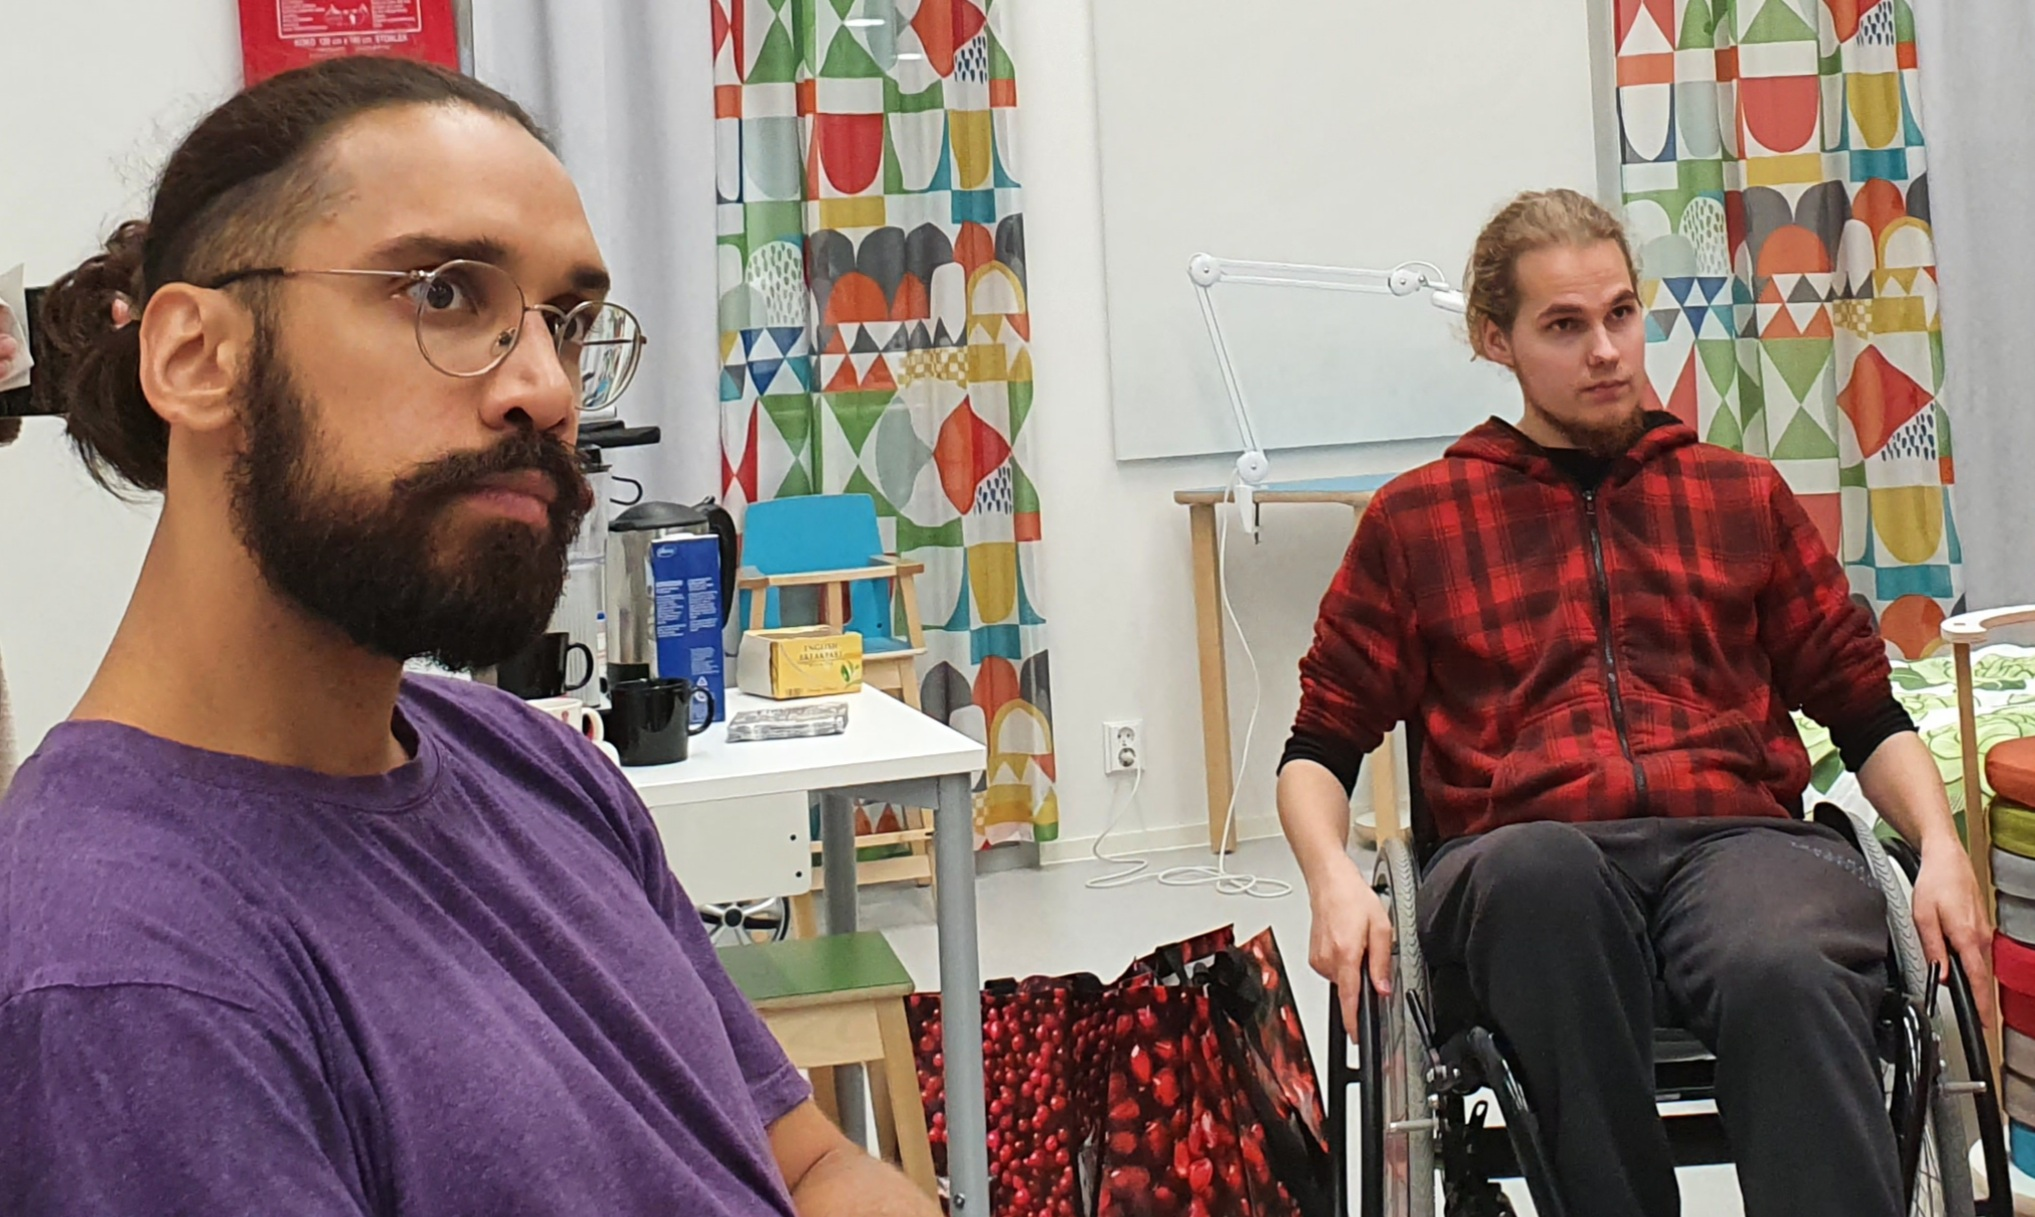 Mies istuu tuolilla, toinen mies istuu pyörätuolissa